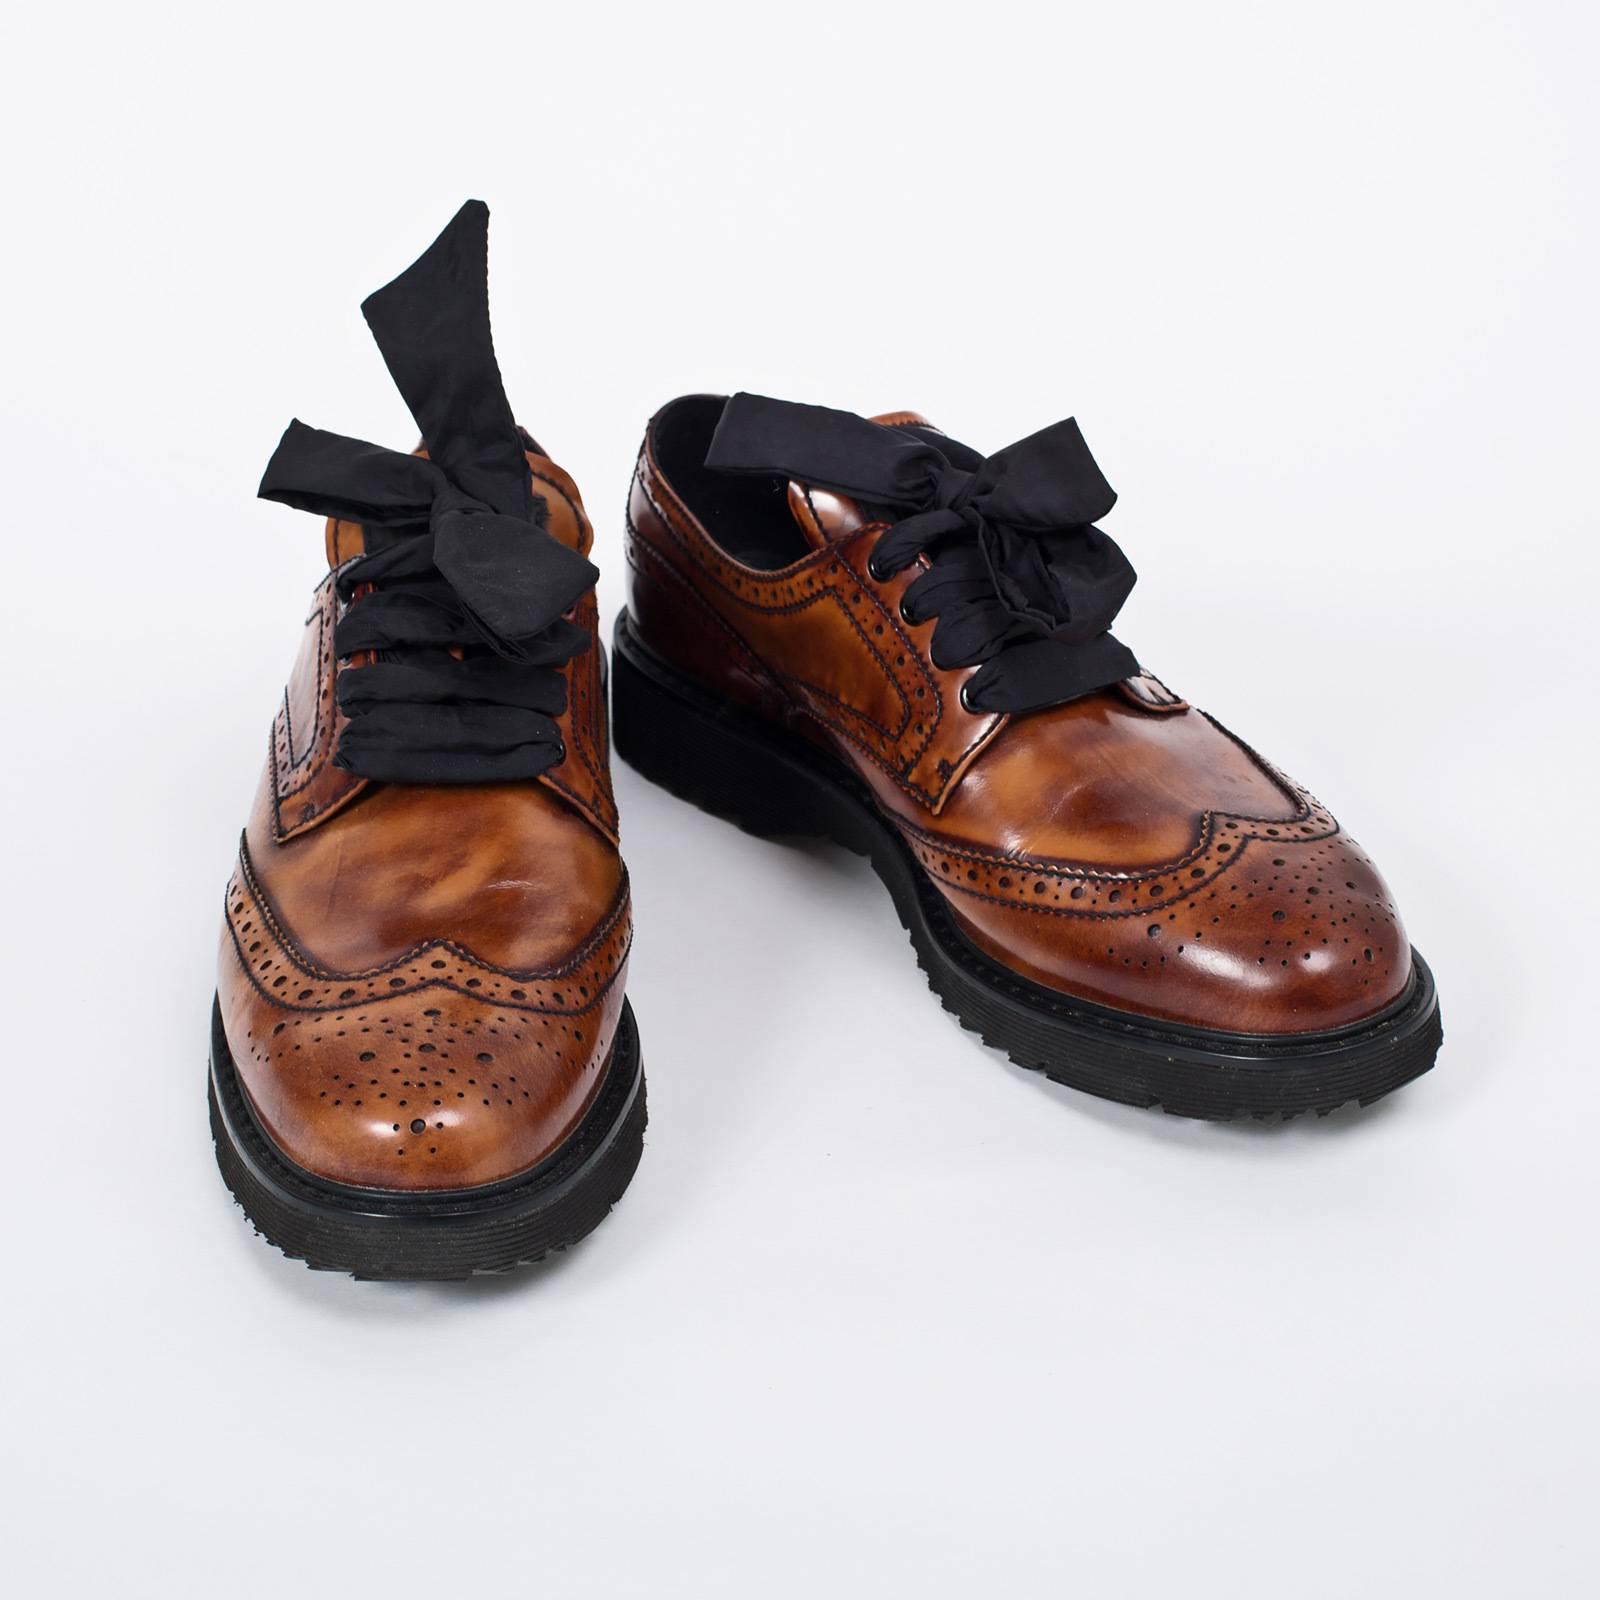 2b5f1a729ca4 Купить ботинки Prada в Москве с доставкой по цене 7200 рублей ...